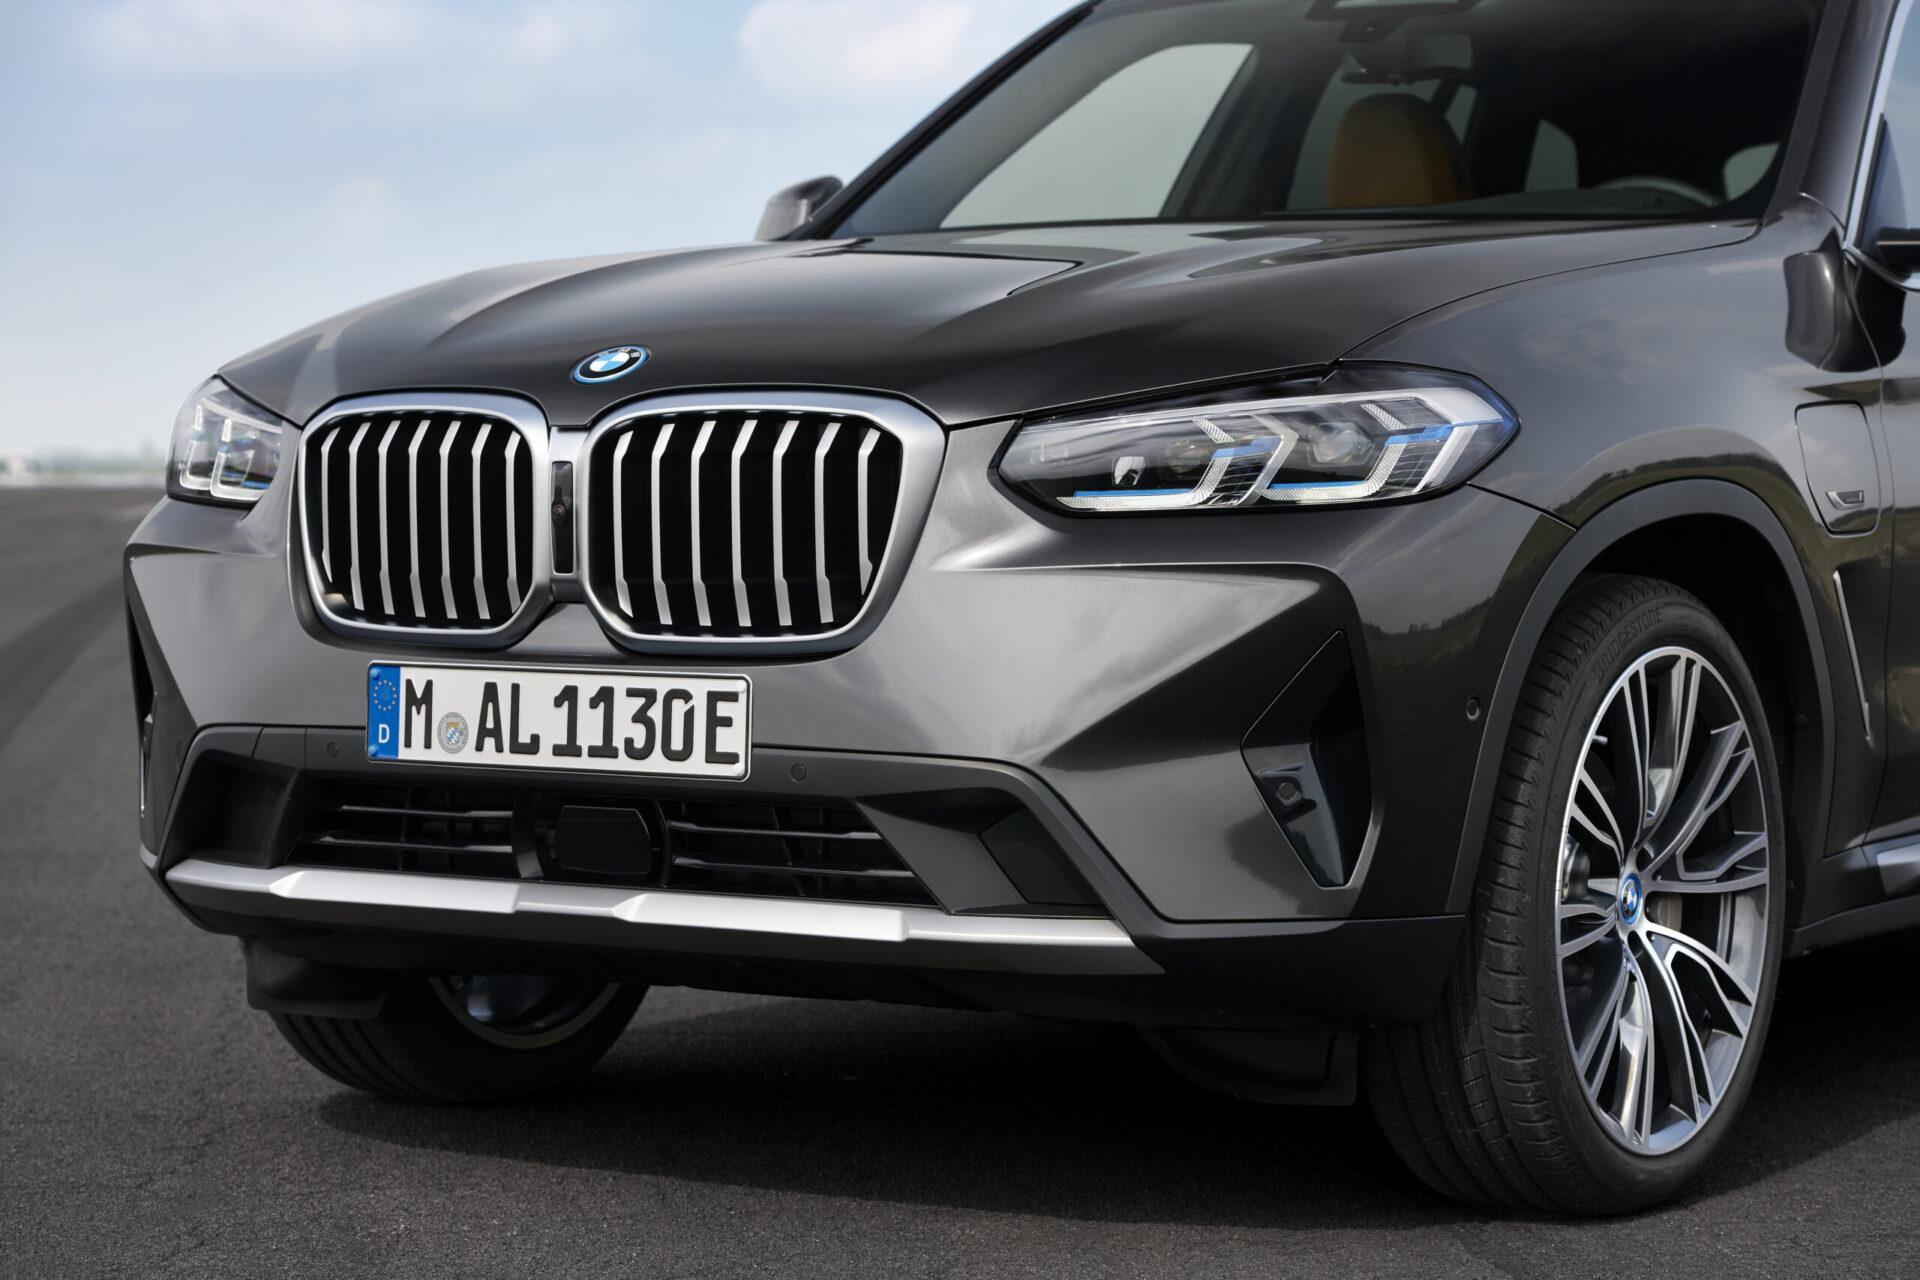 BMW объявил о повышении цен на свои автомобили с 1 июля